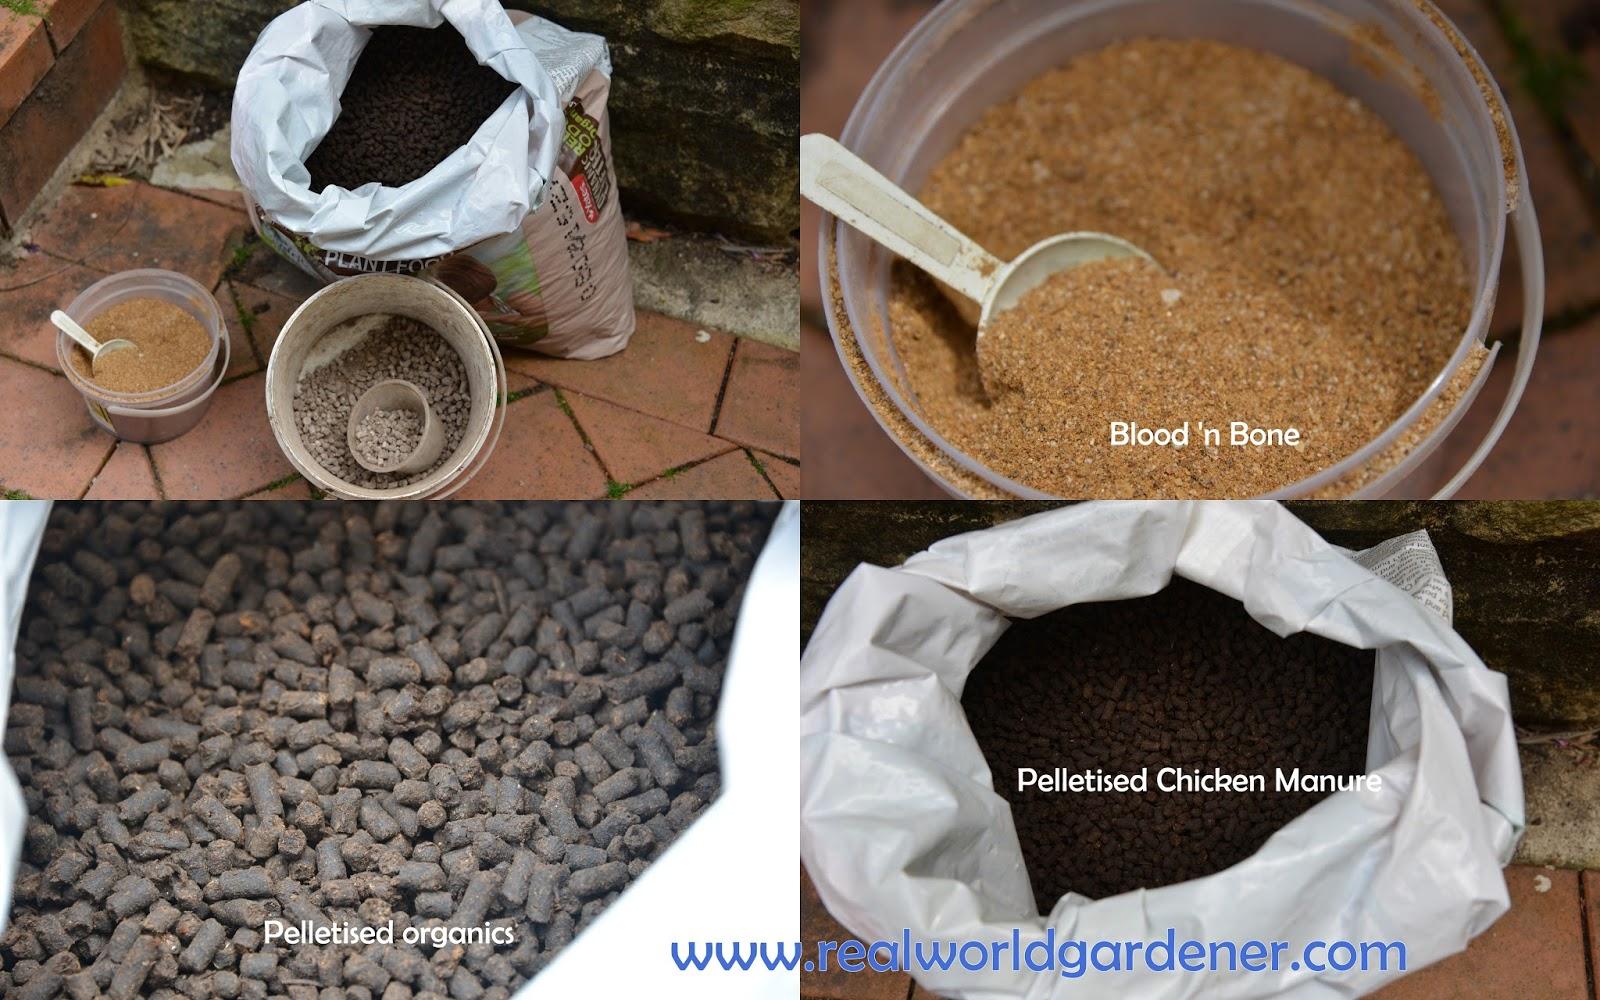 Real world gardener inorganic vs organic fertilisers in for Mineral soil vs organic soil